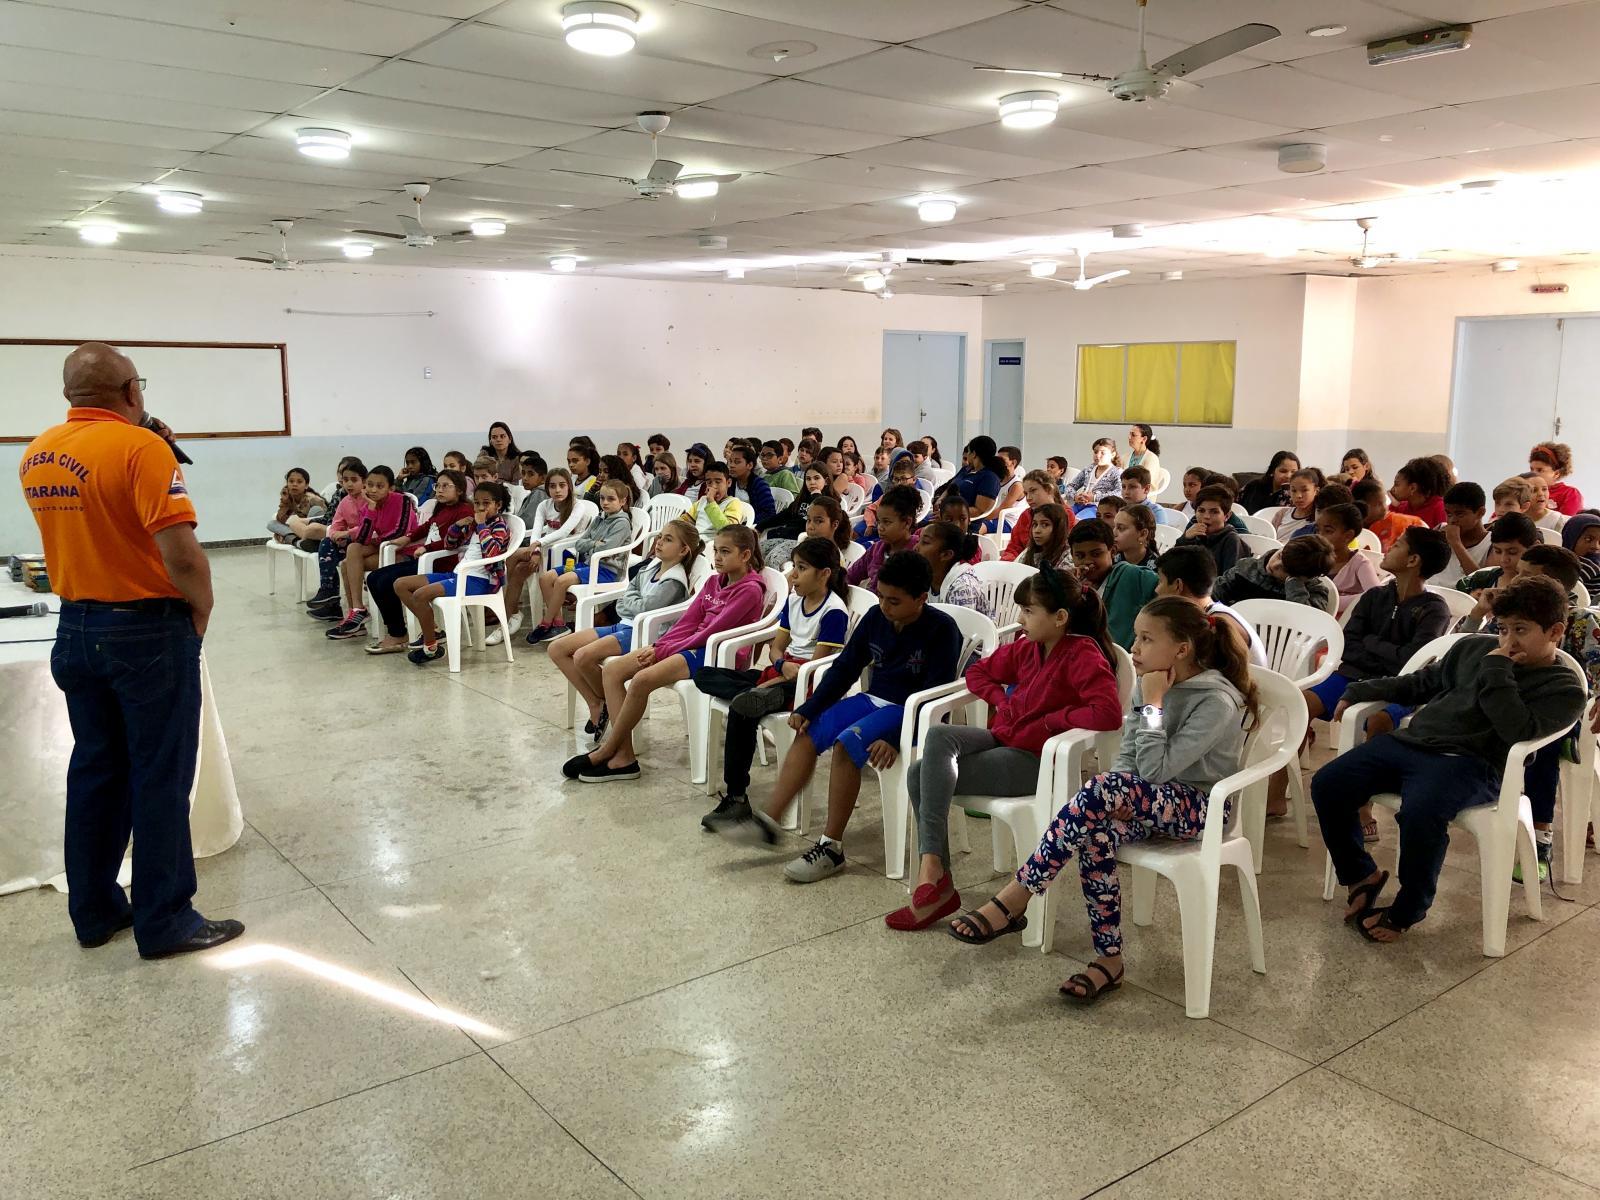 Palestra realizada com alunos marca a Semana Estadual de Proteção e Defesa Civil em Itarana